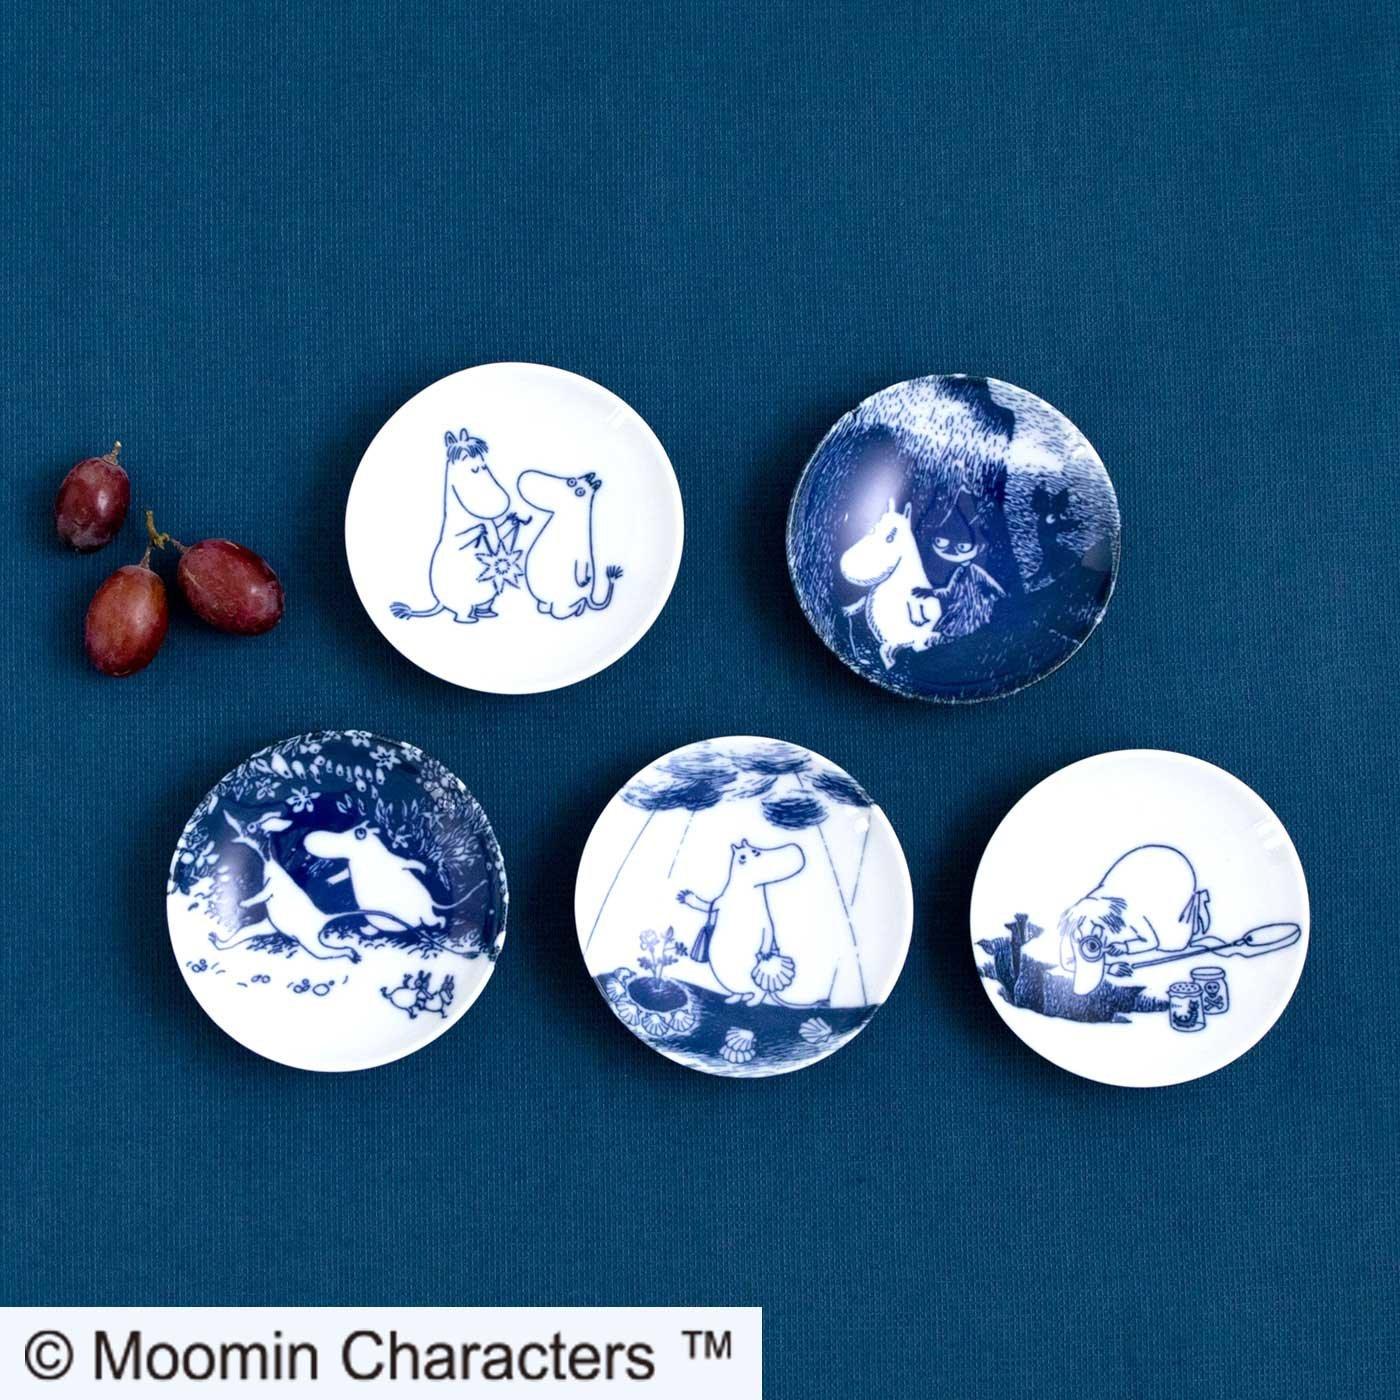 【WEB限定・3~10日でお届け】ムーミン ミニプレート5枚セット〈タリナ〉